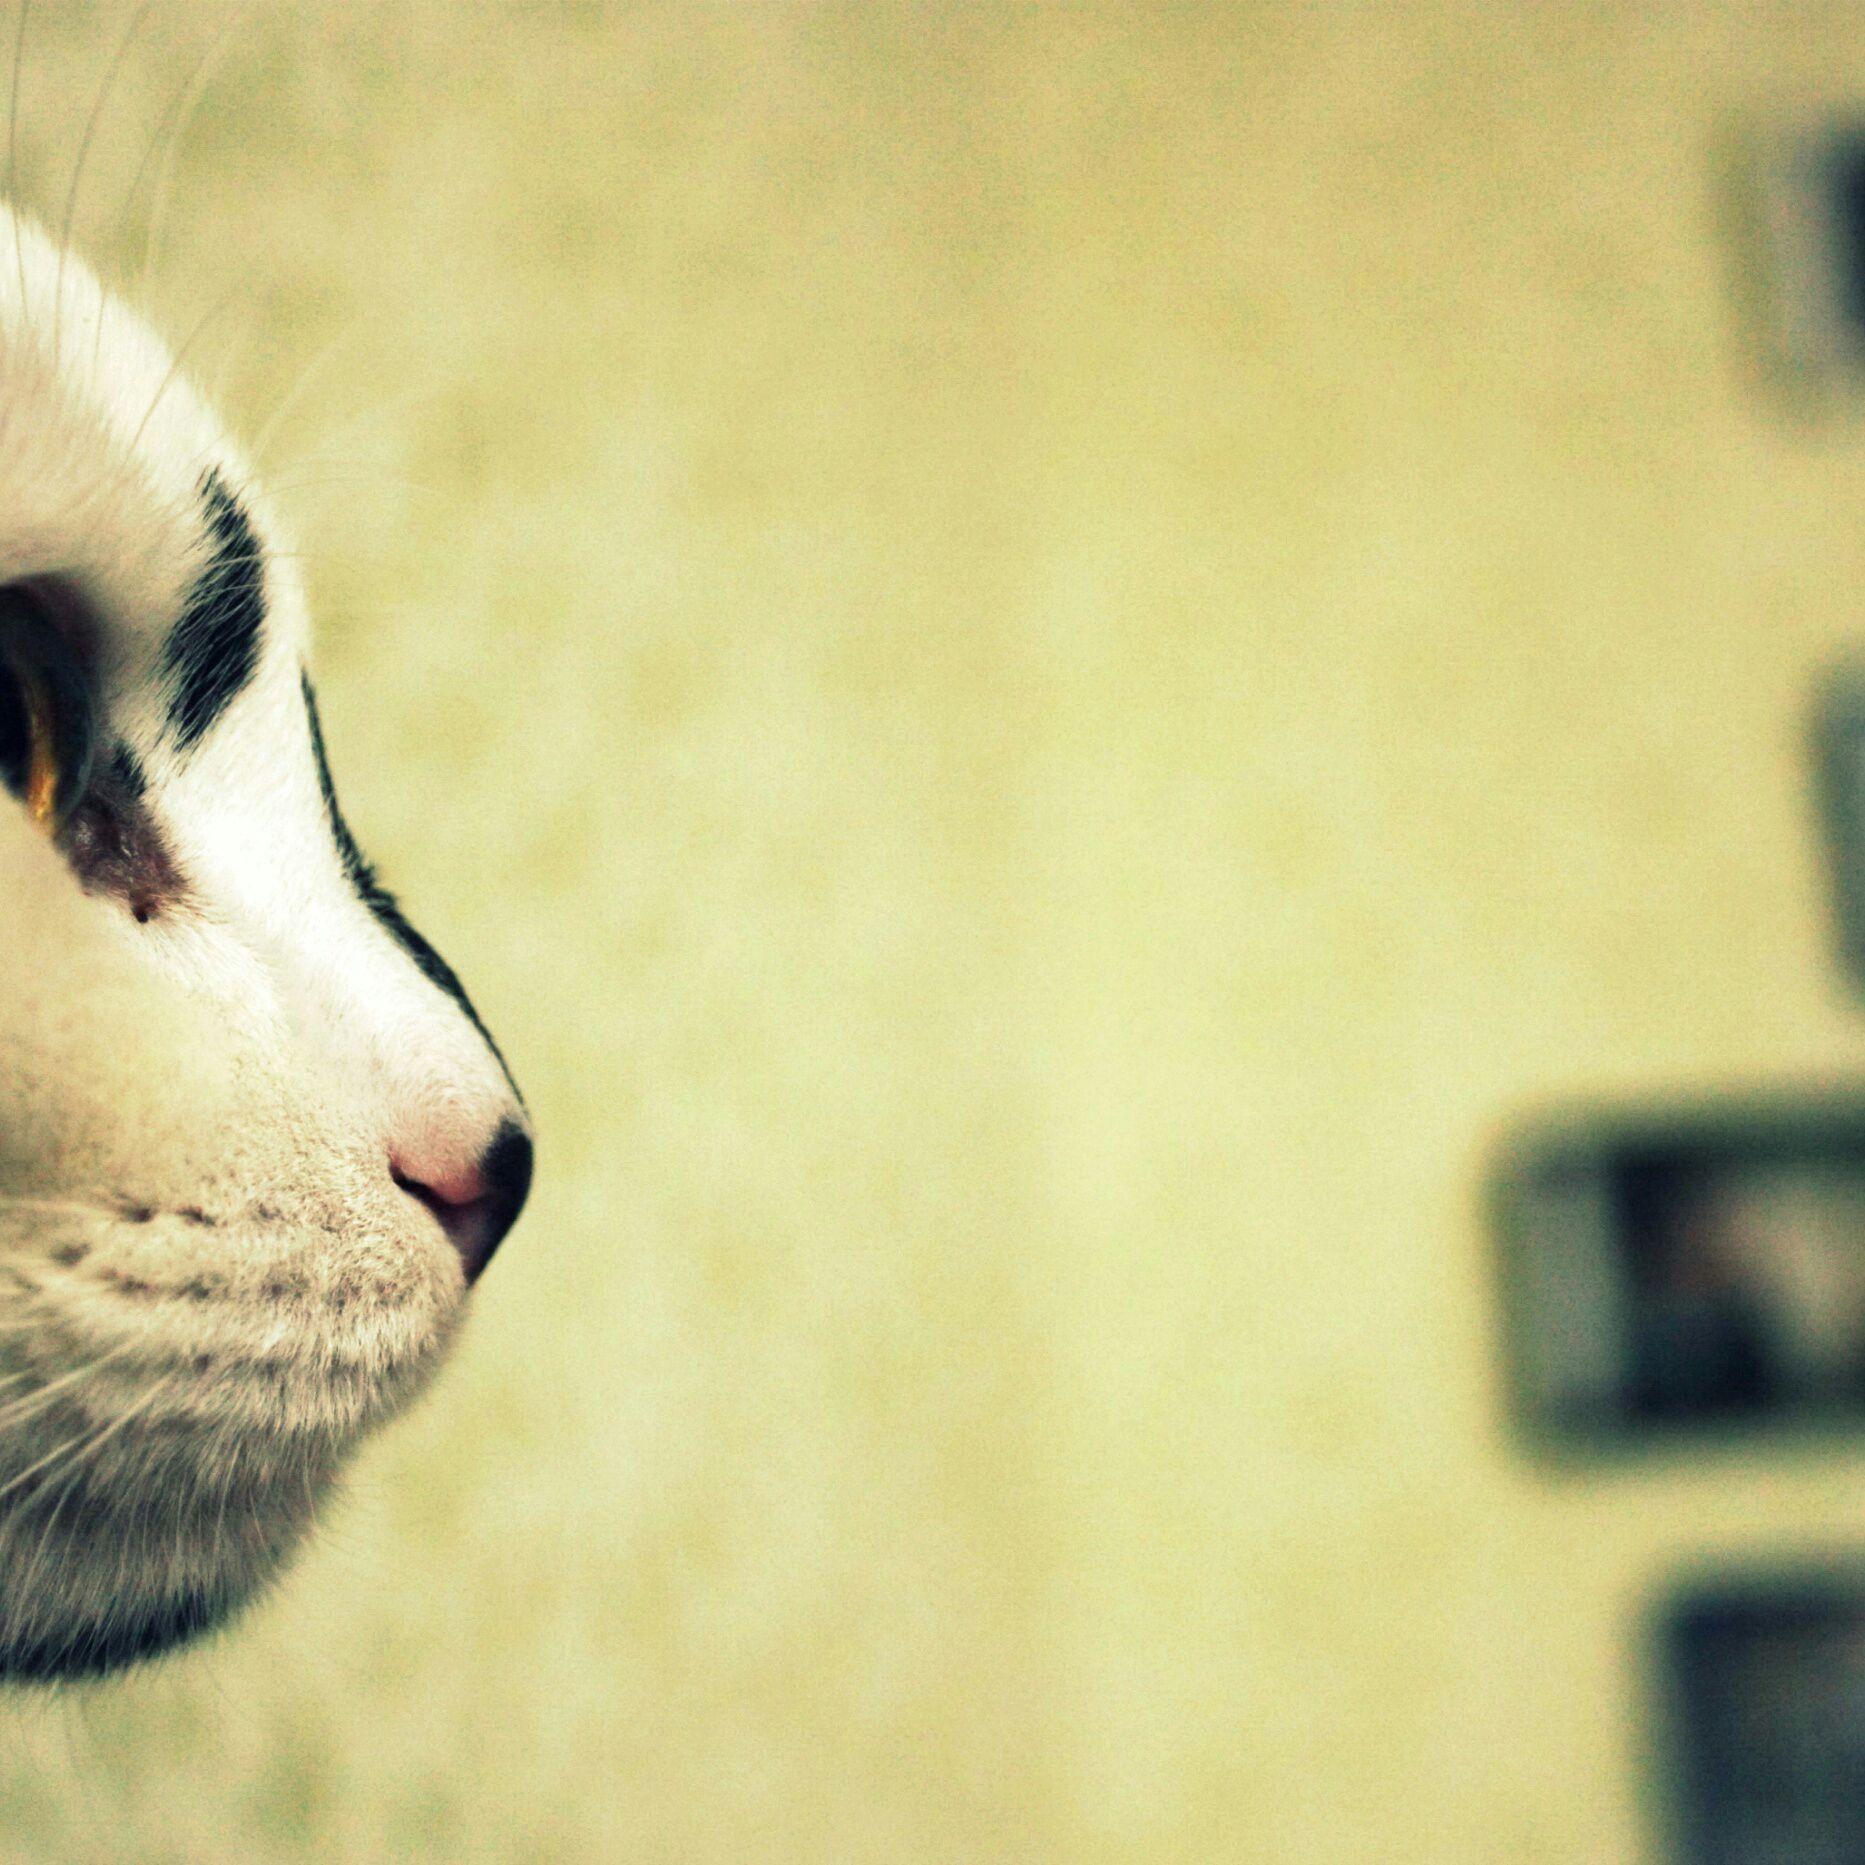 Как сделать кошачью мордочку на фото